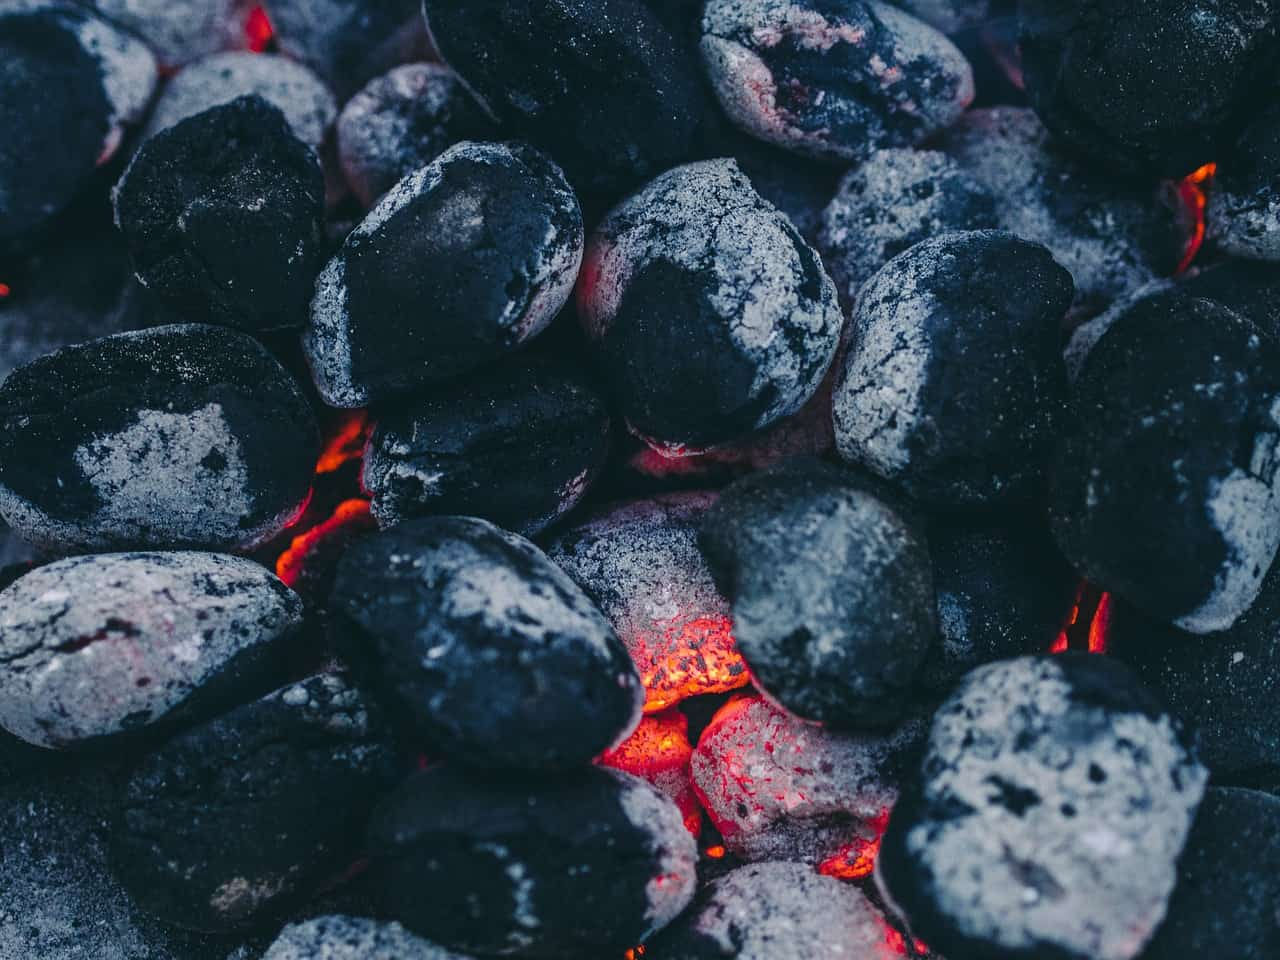 palivo uhlí